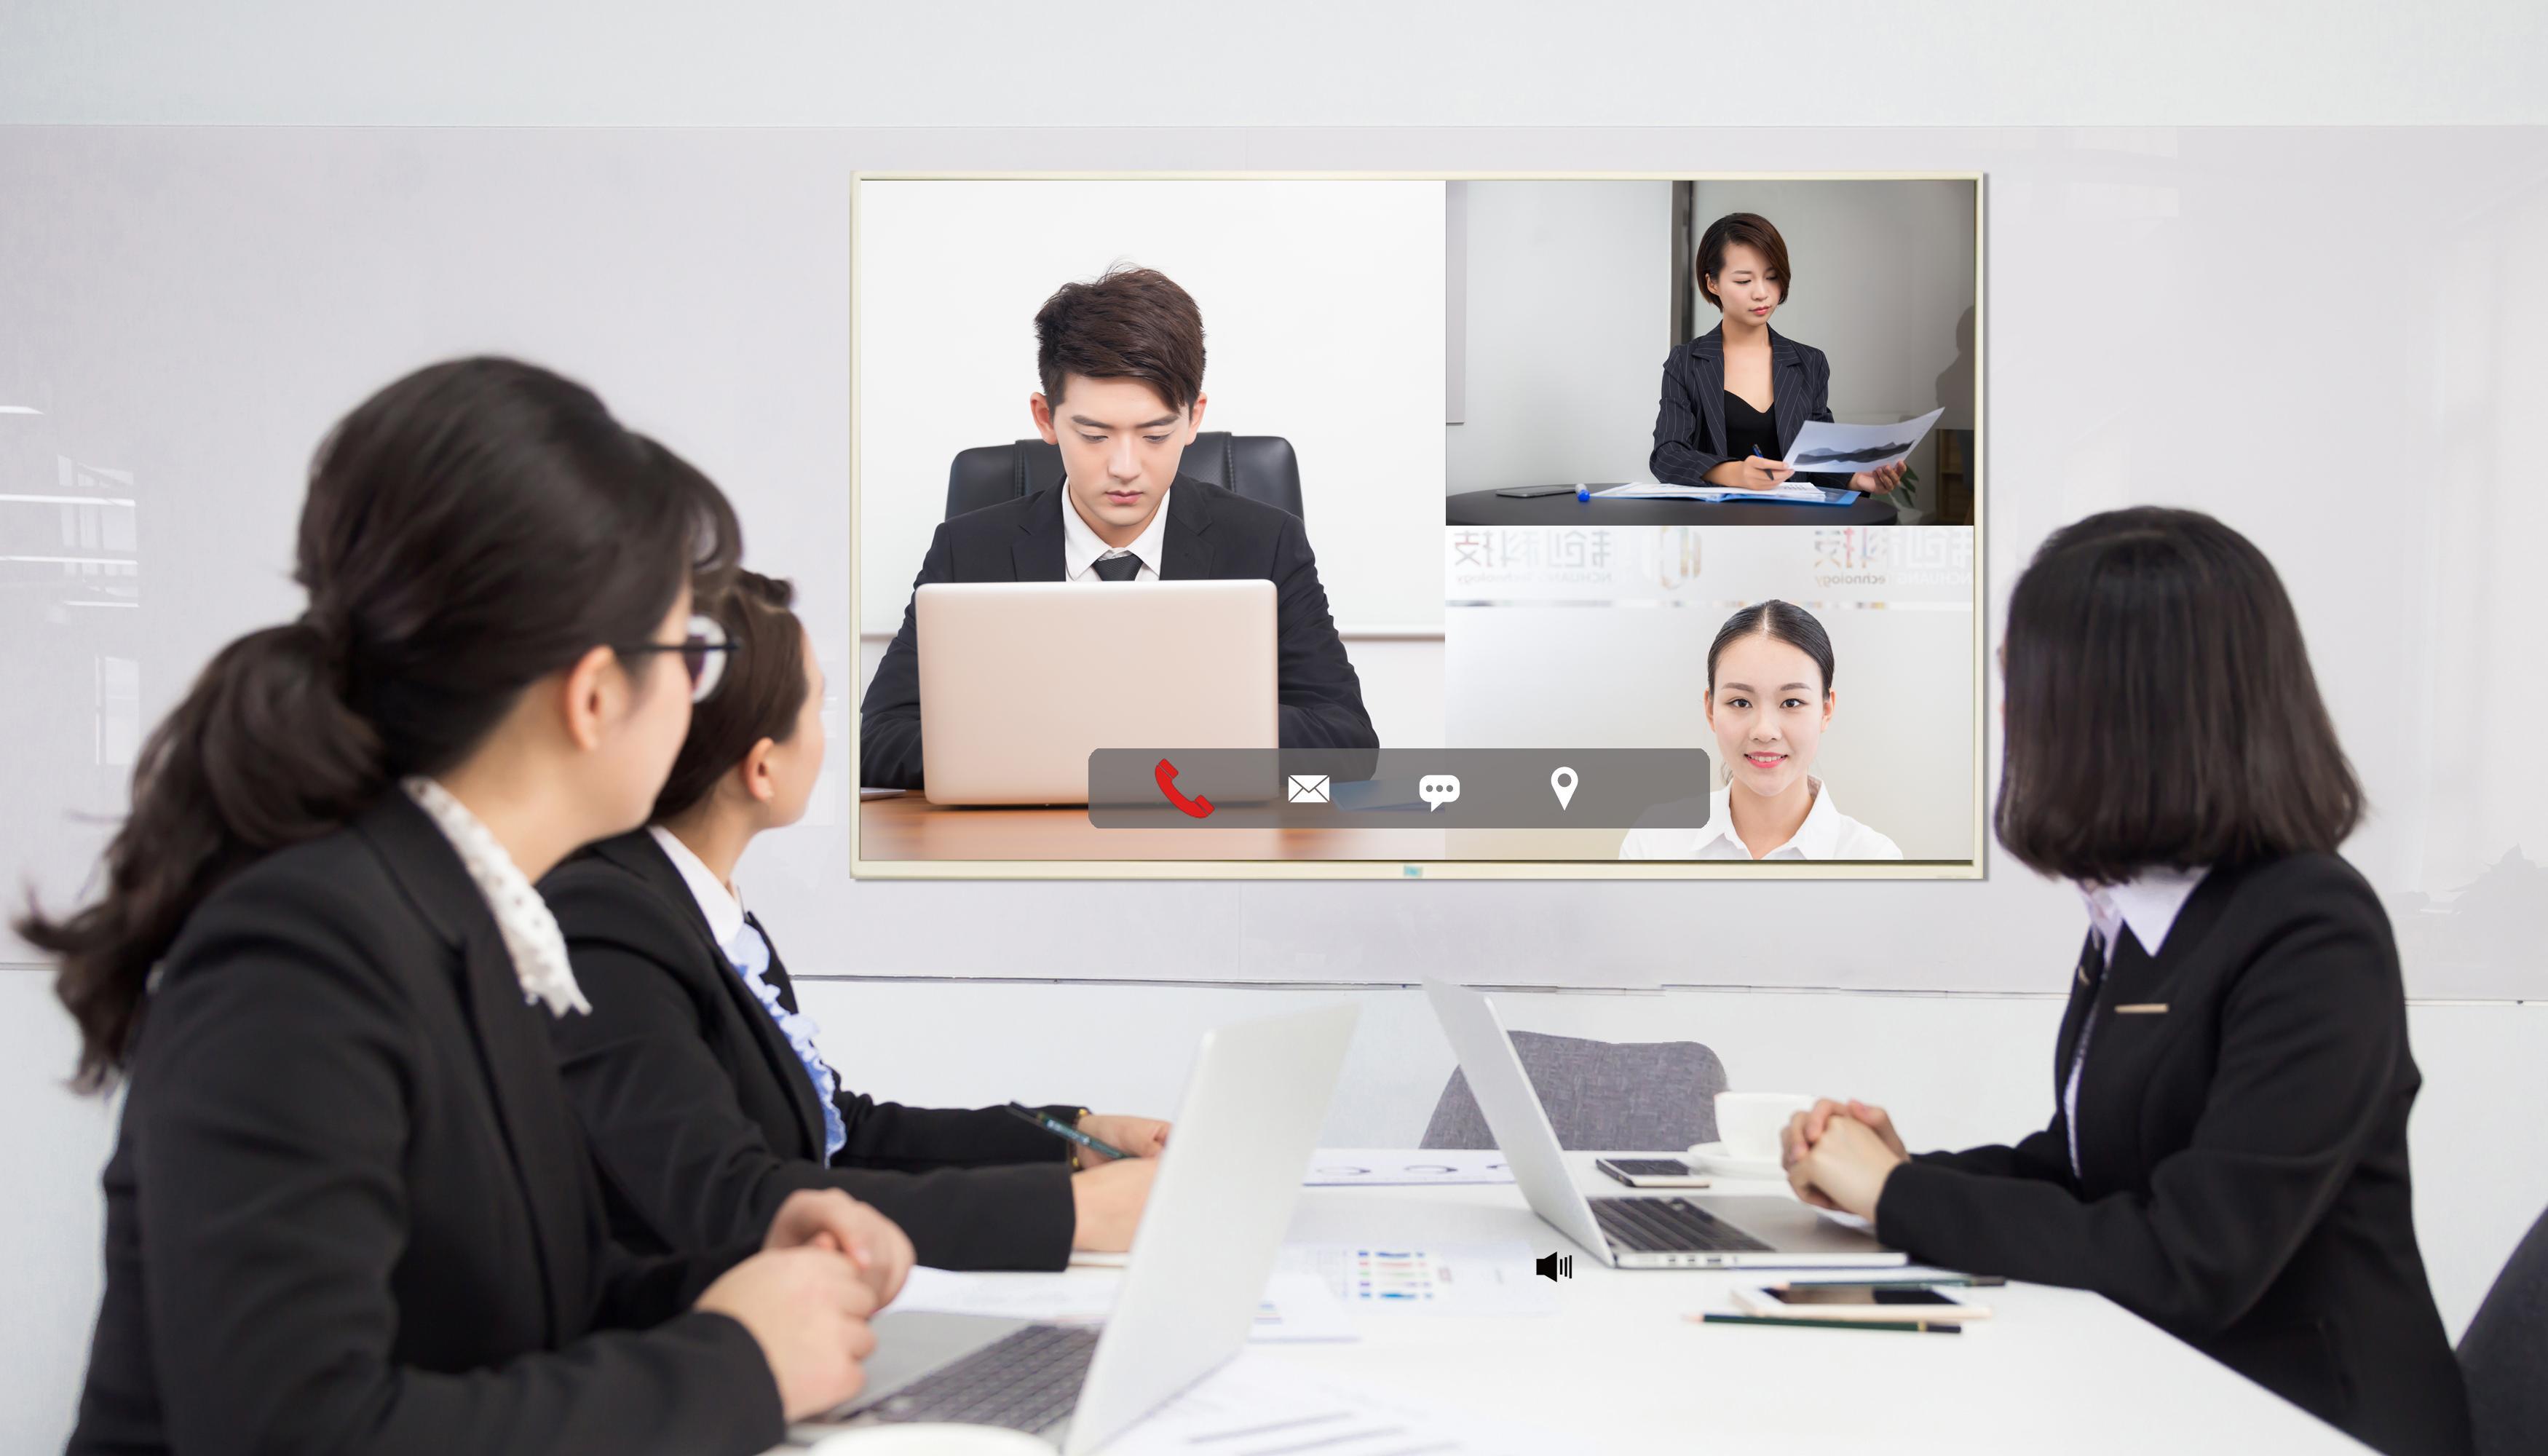 高清视频会议系统将成为市场的新宠 第2张